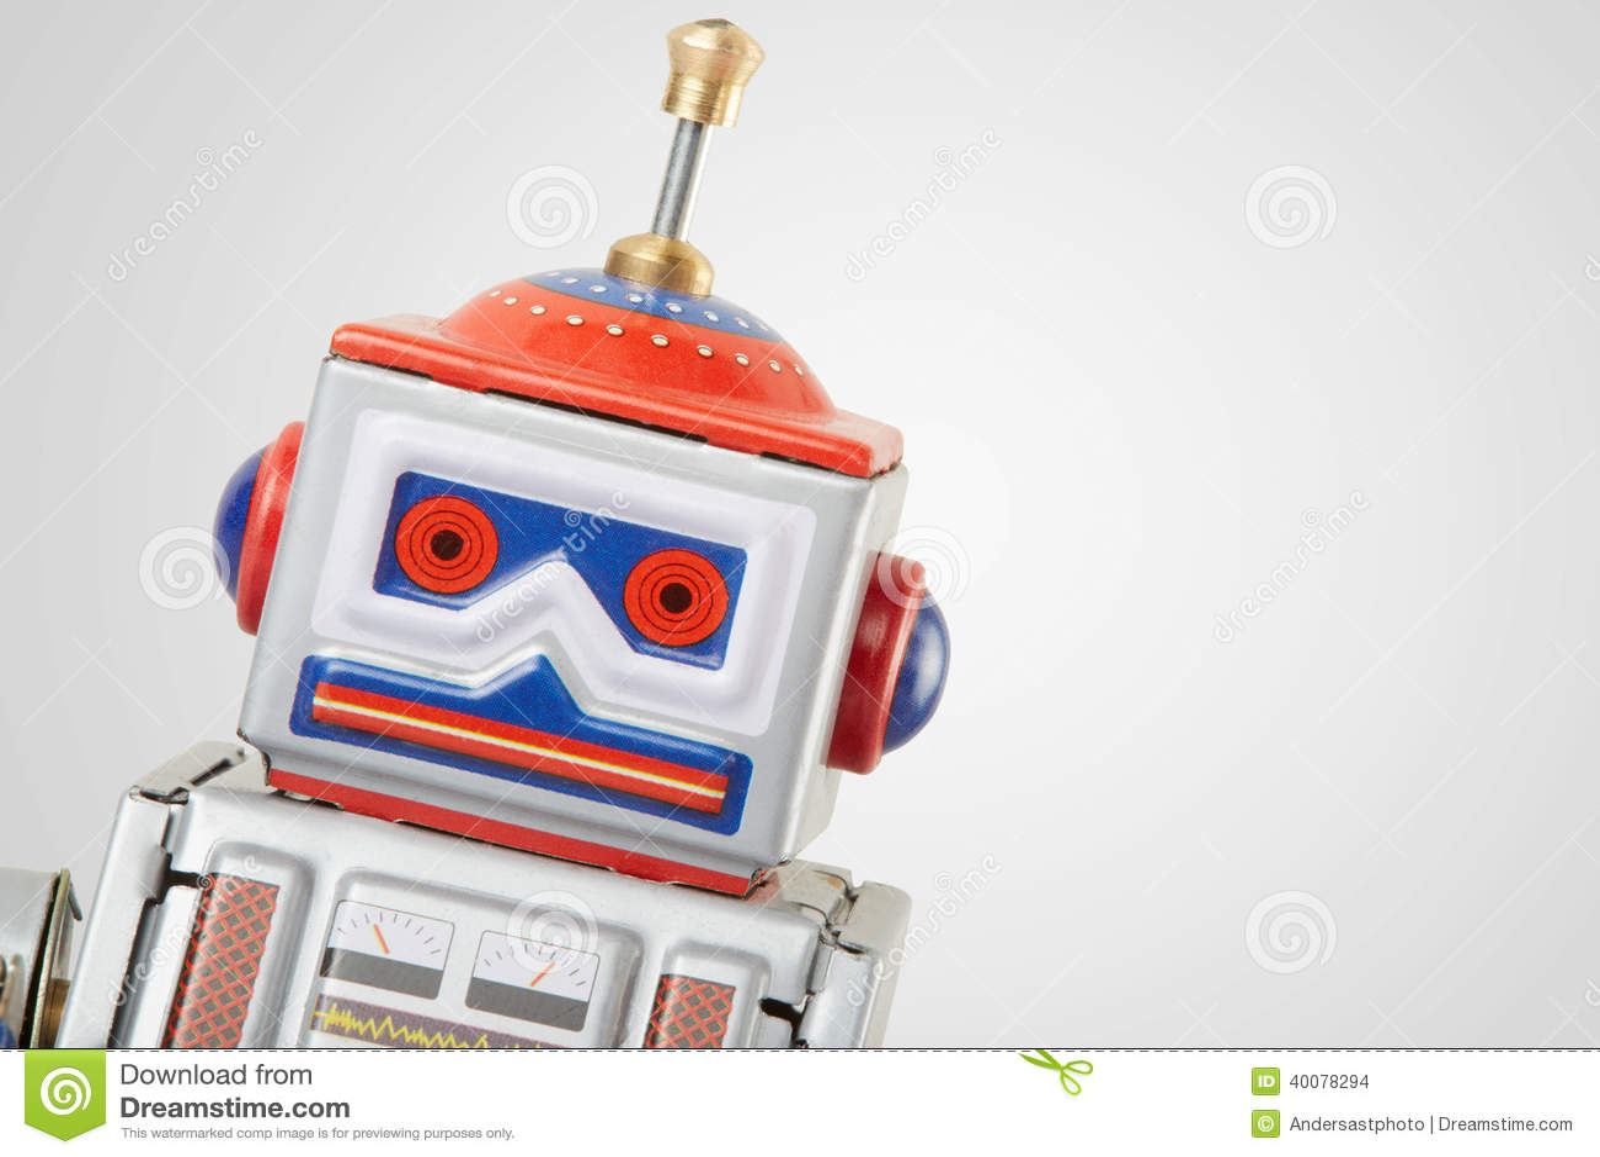 Fin de jouet de vintage de robot